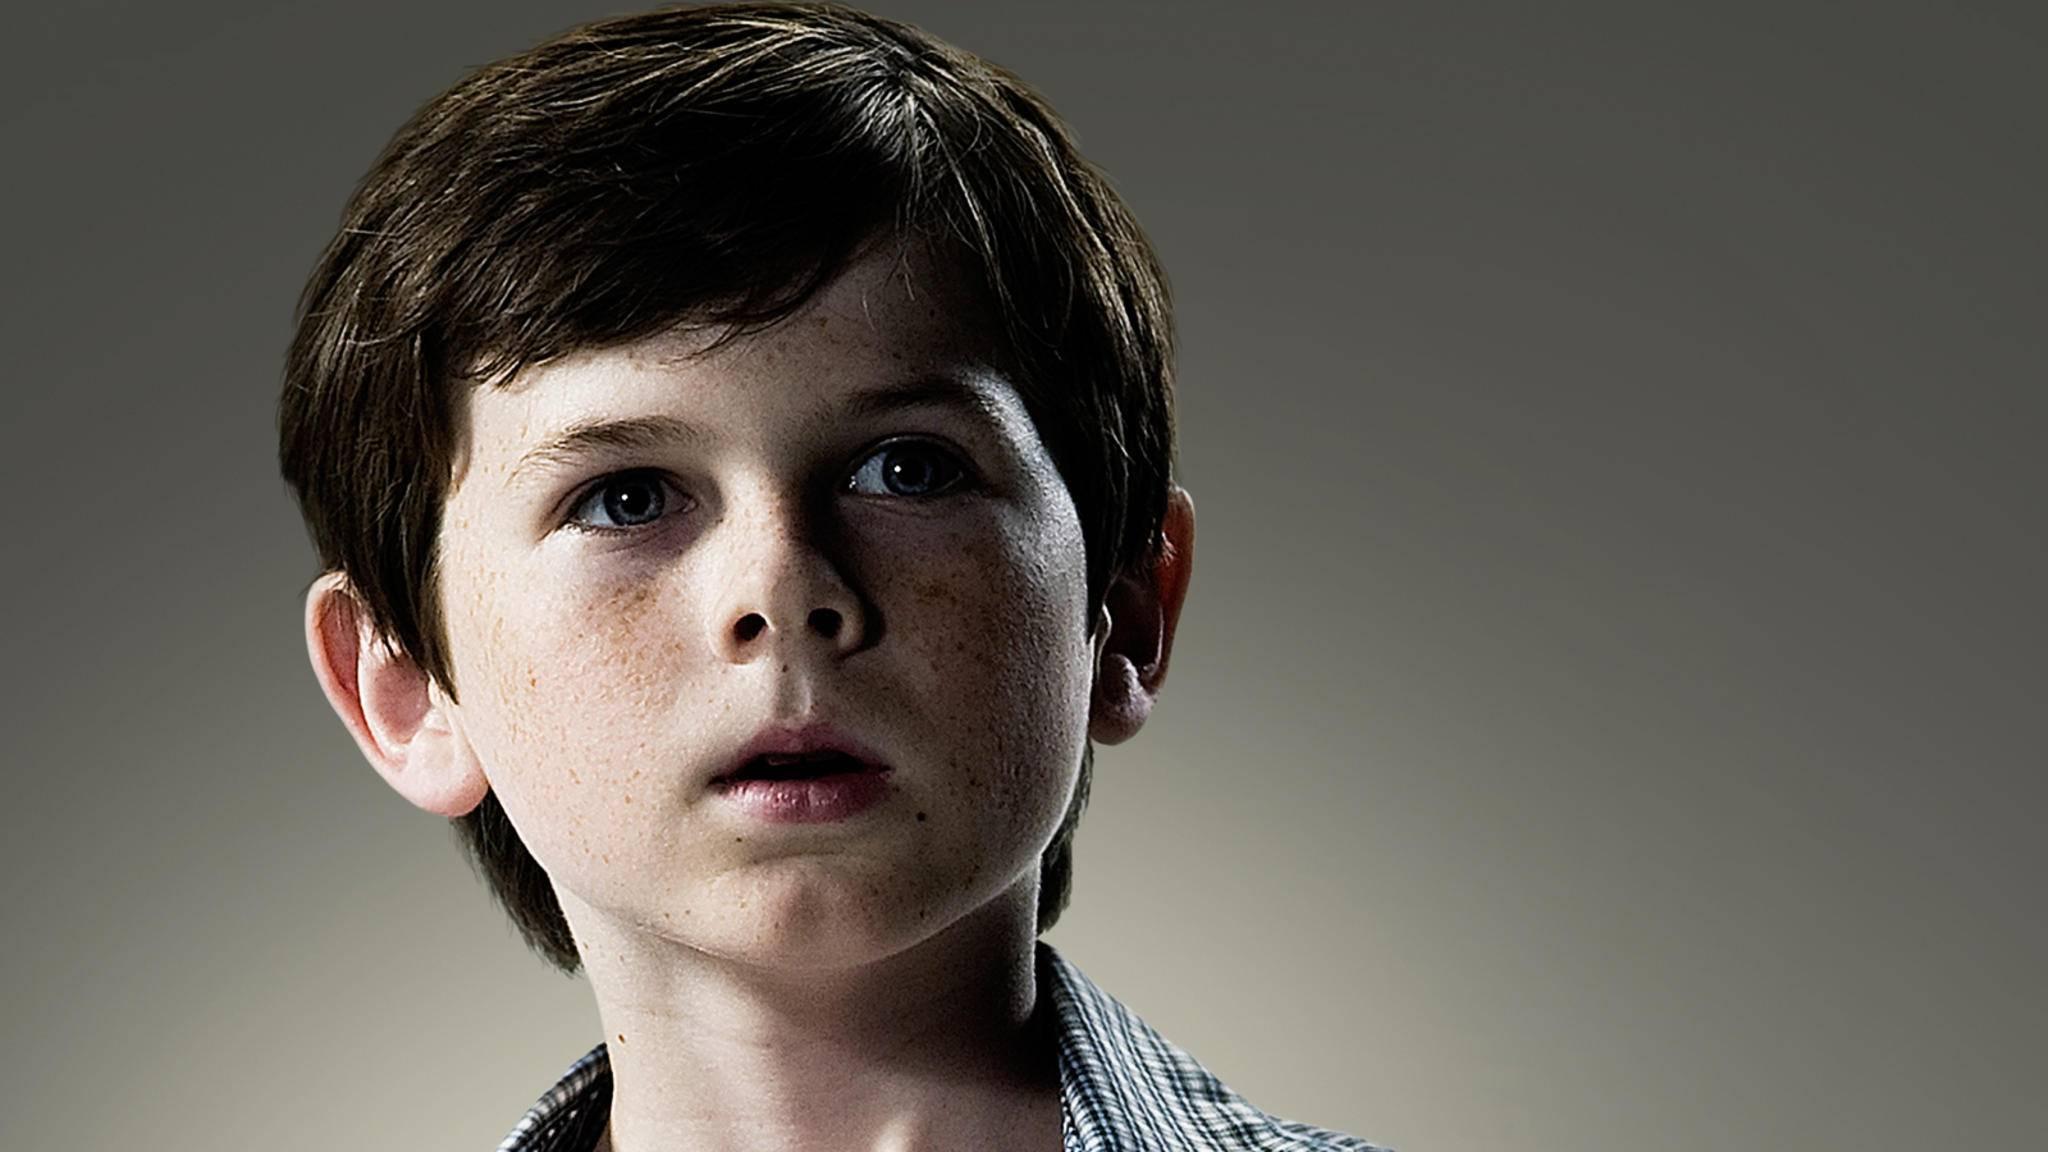 Zu Beginn von Staffel 1 ist Carl Grimes etwa 10 Jahre alt.